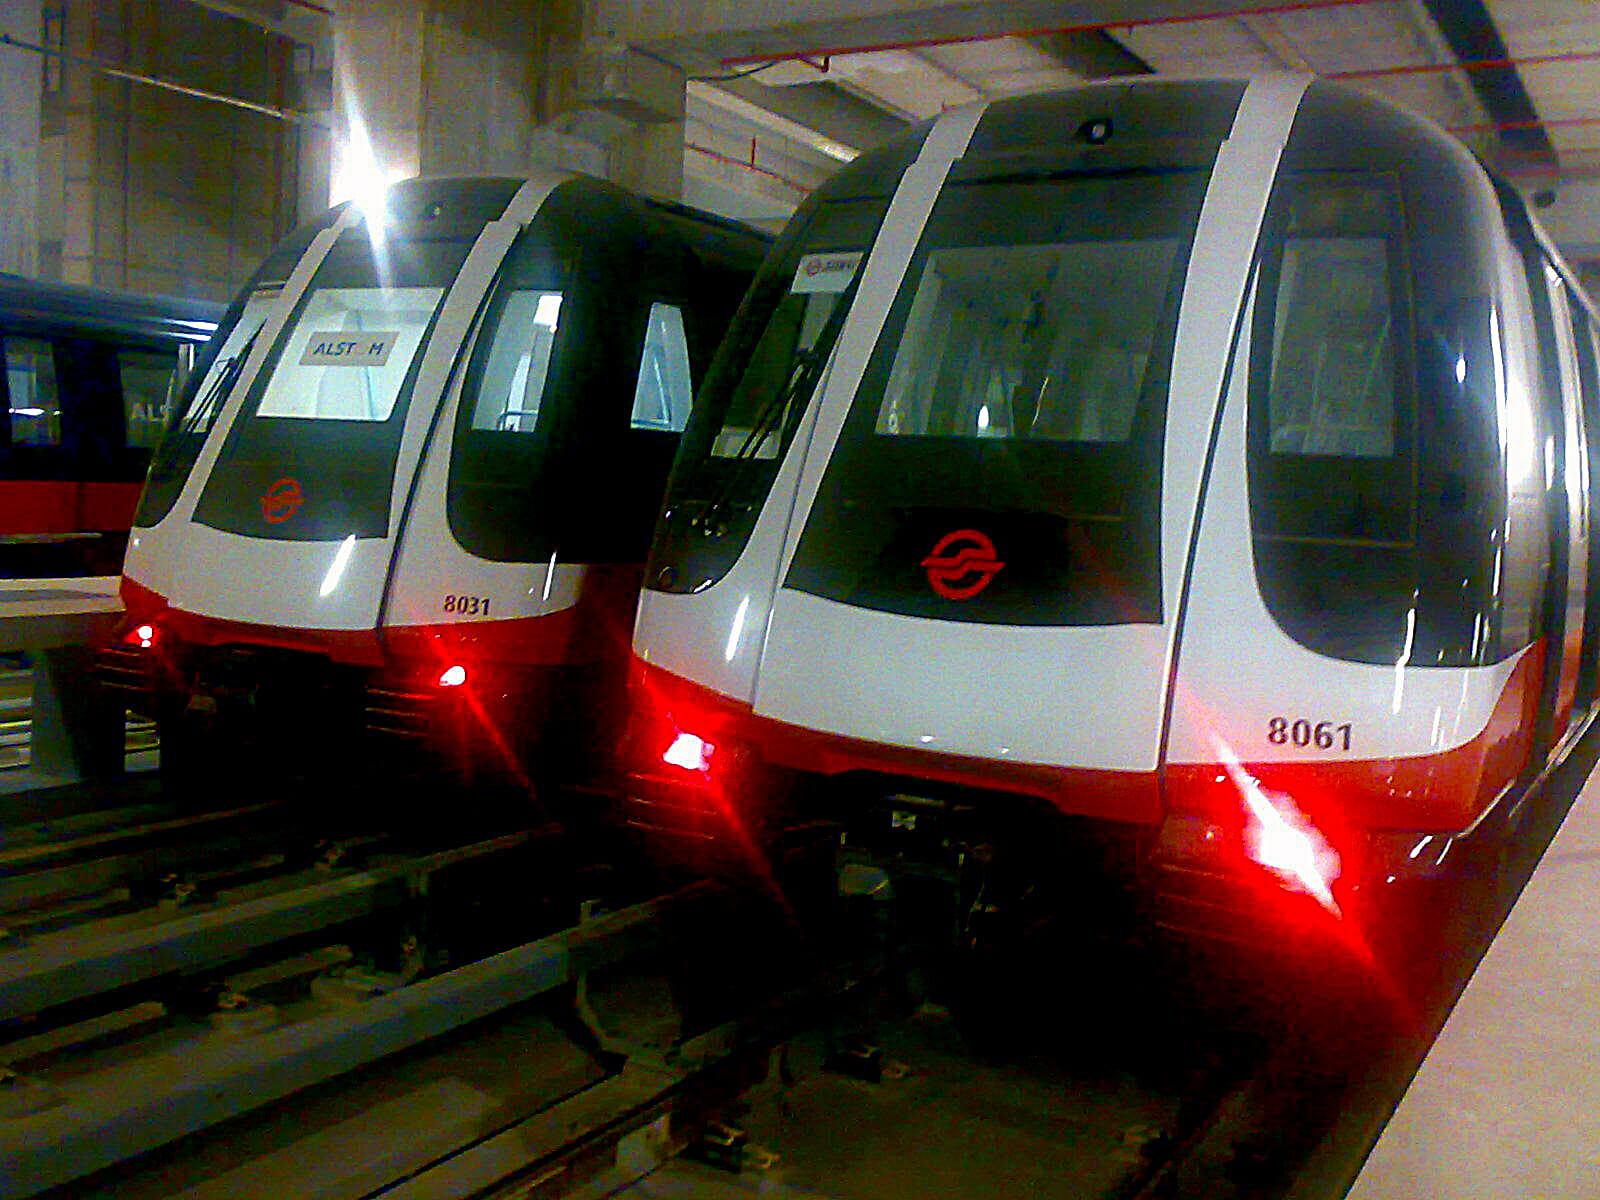 Atena va avea prima linie de metrou complet automatizată. Alstom, ca parte dintr-un consorţiu, a semnat un contract de 320 milioane euro pentru construcţia primei secţiuni a liniei 4 a reţelei de metrou din capitala Greciei